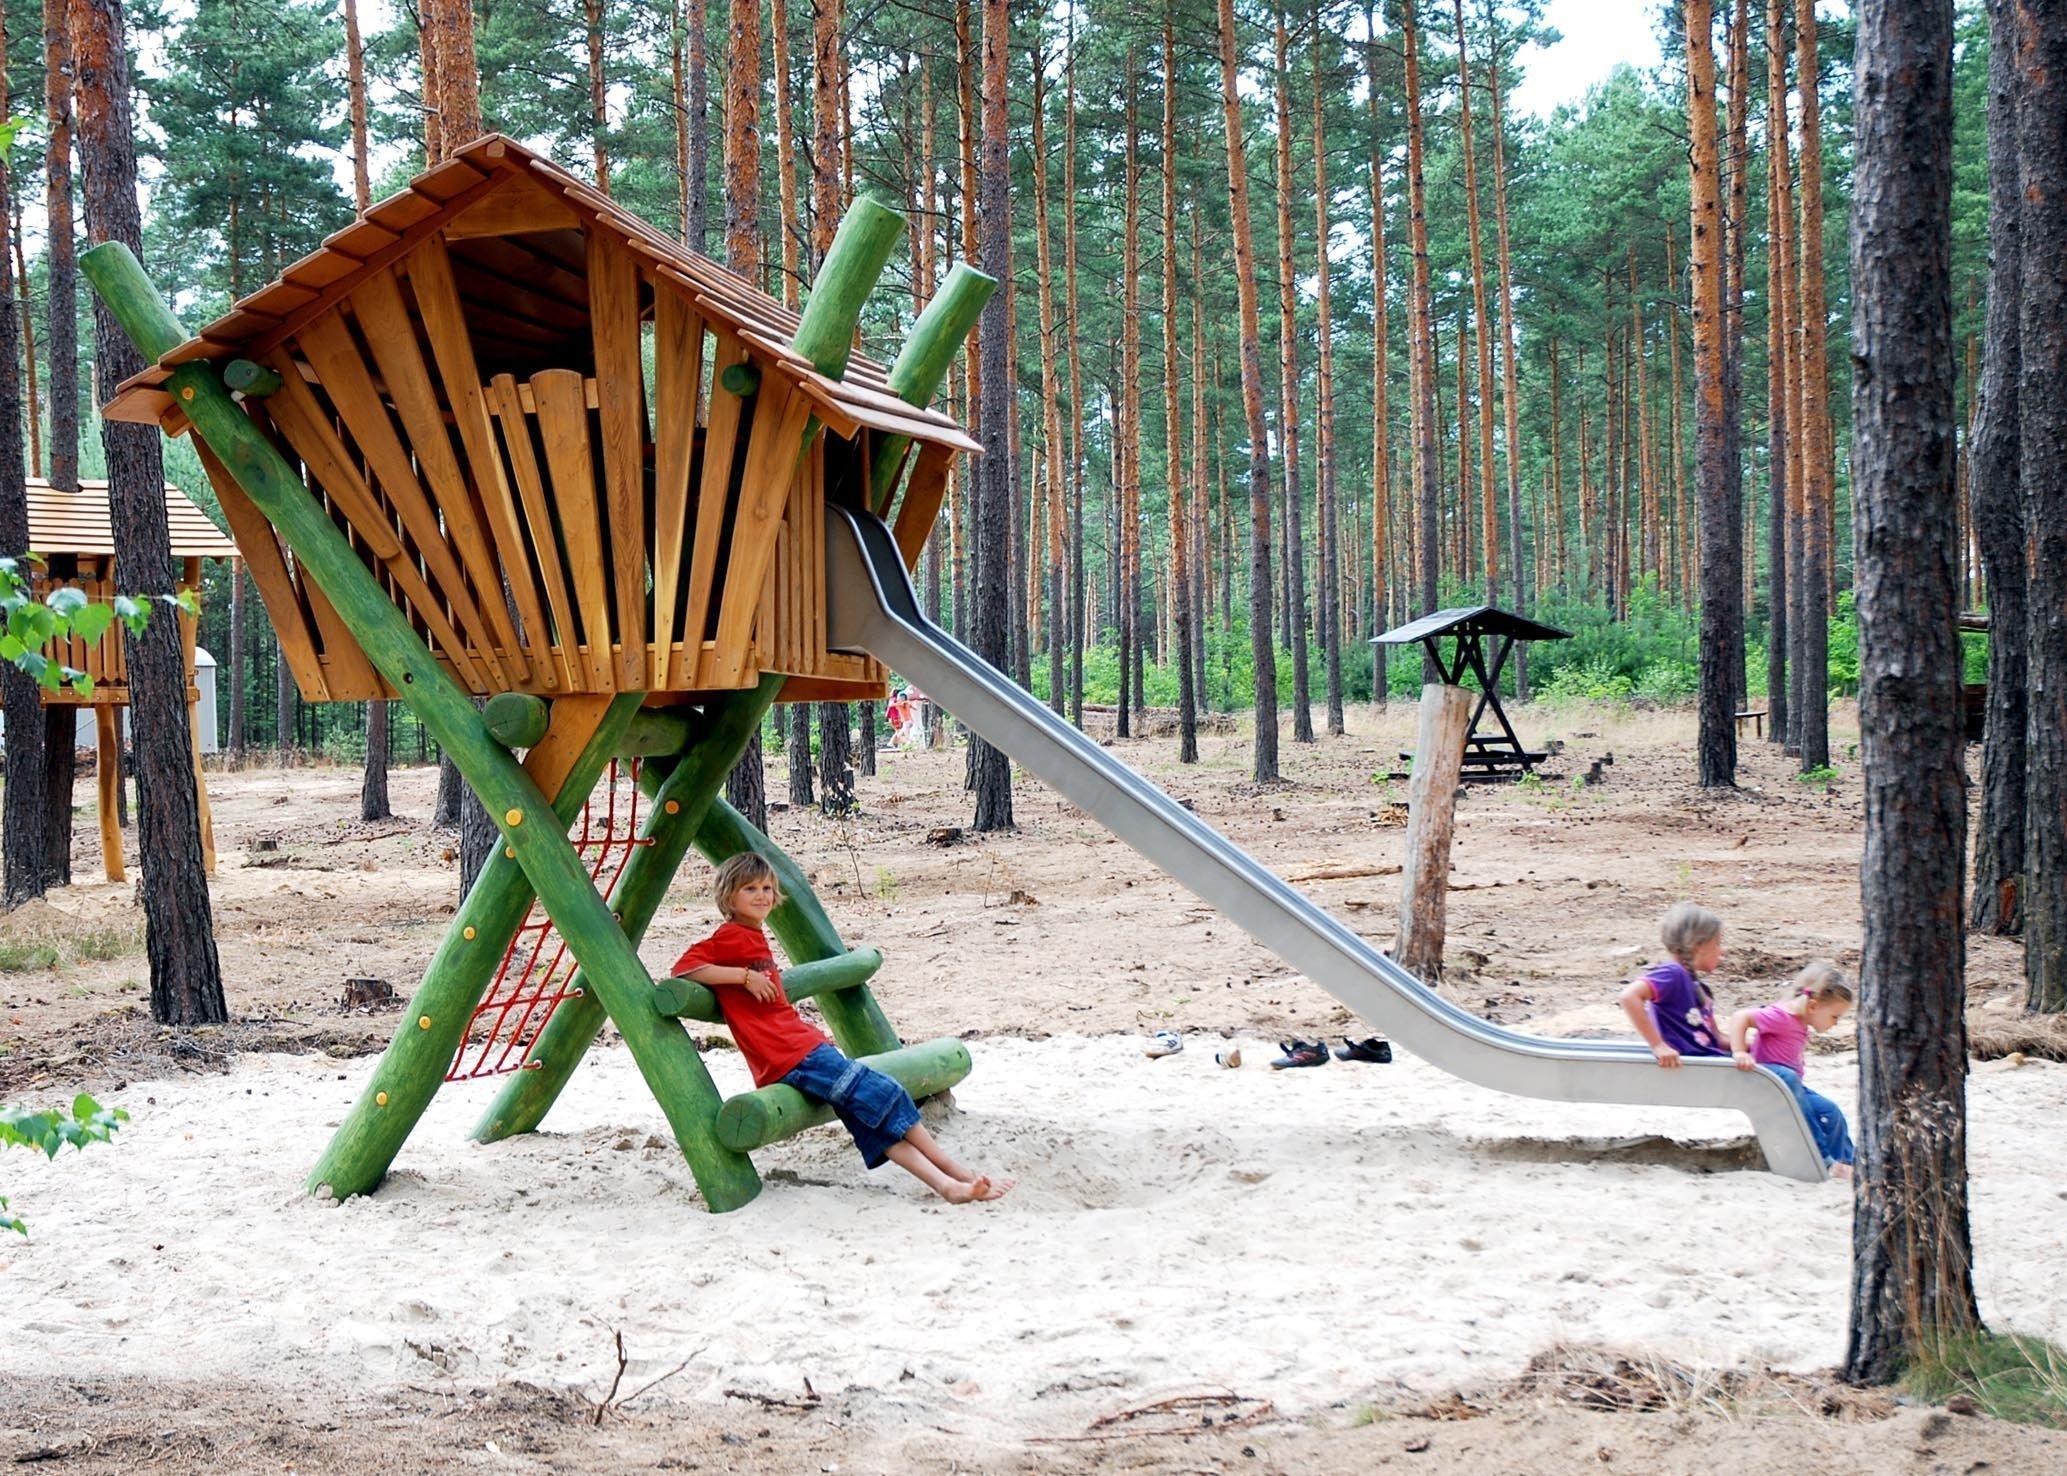 """Kousek vlastní přírody, oáza klidu, místo pro relax. Tím vším je pro nás dospěláky zahrada. V očích dětí je to ale místo, kde můžou zažít dobrodružství, zdolat spoustu překážek, prostě se dosyta """"vyblbnout"""". Jak jim vytvořit skutečný ráj, který jen tak neomrzí?"""